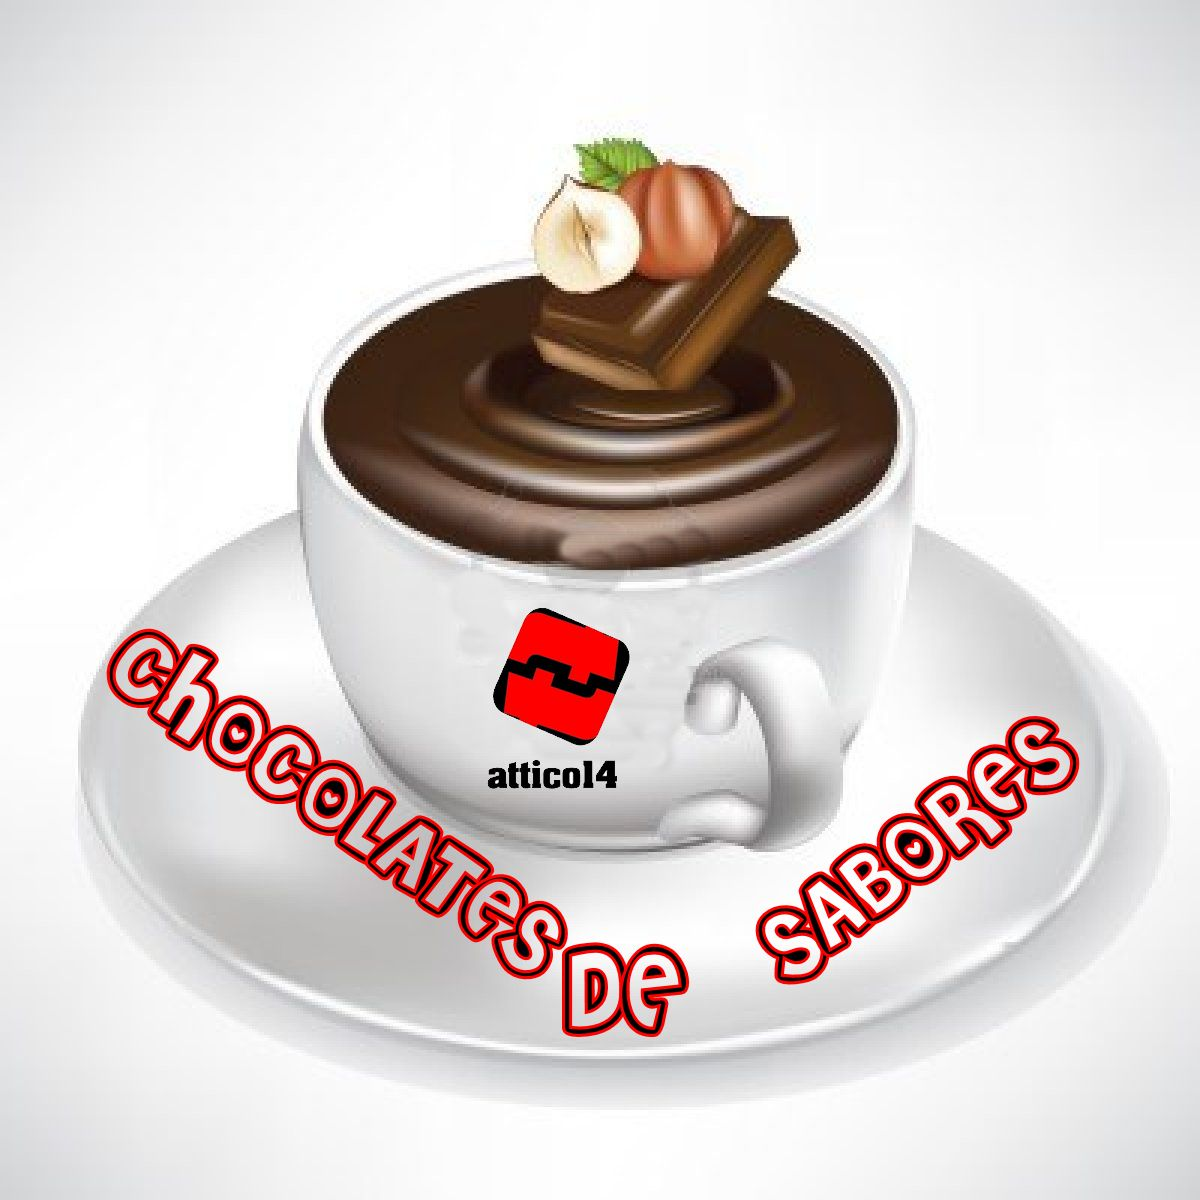 10886830-taza-de-chocolate-caliente-con-sabor-a-avellanas-aislados